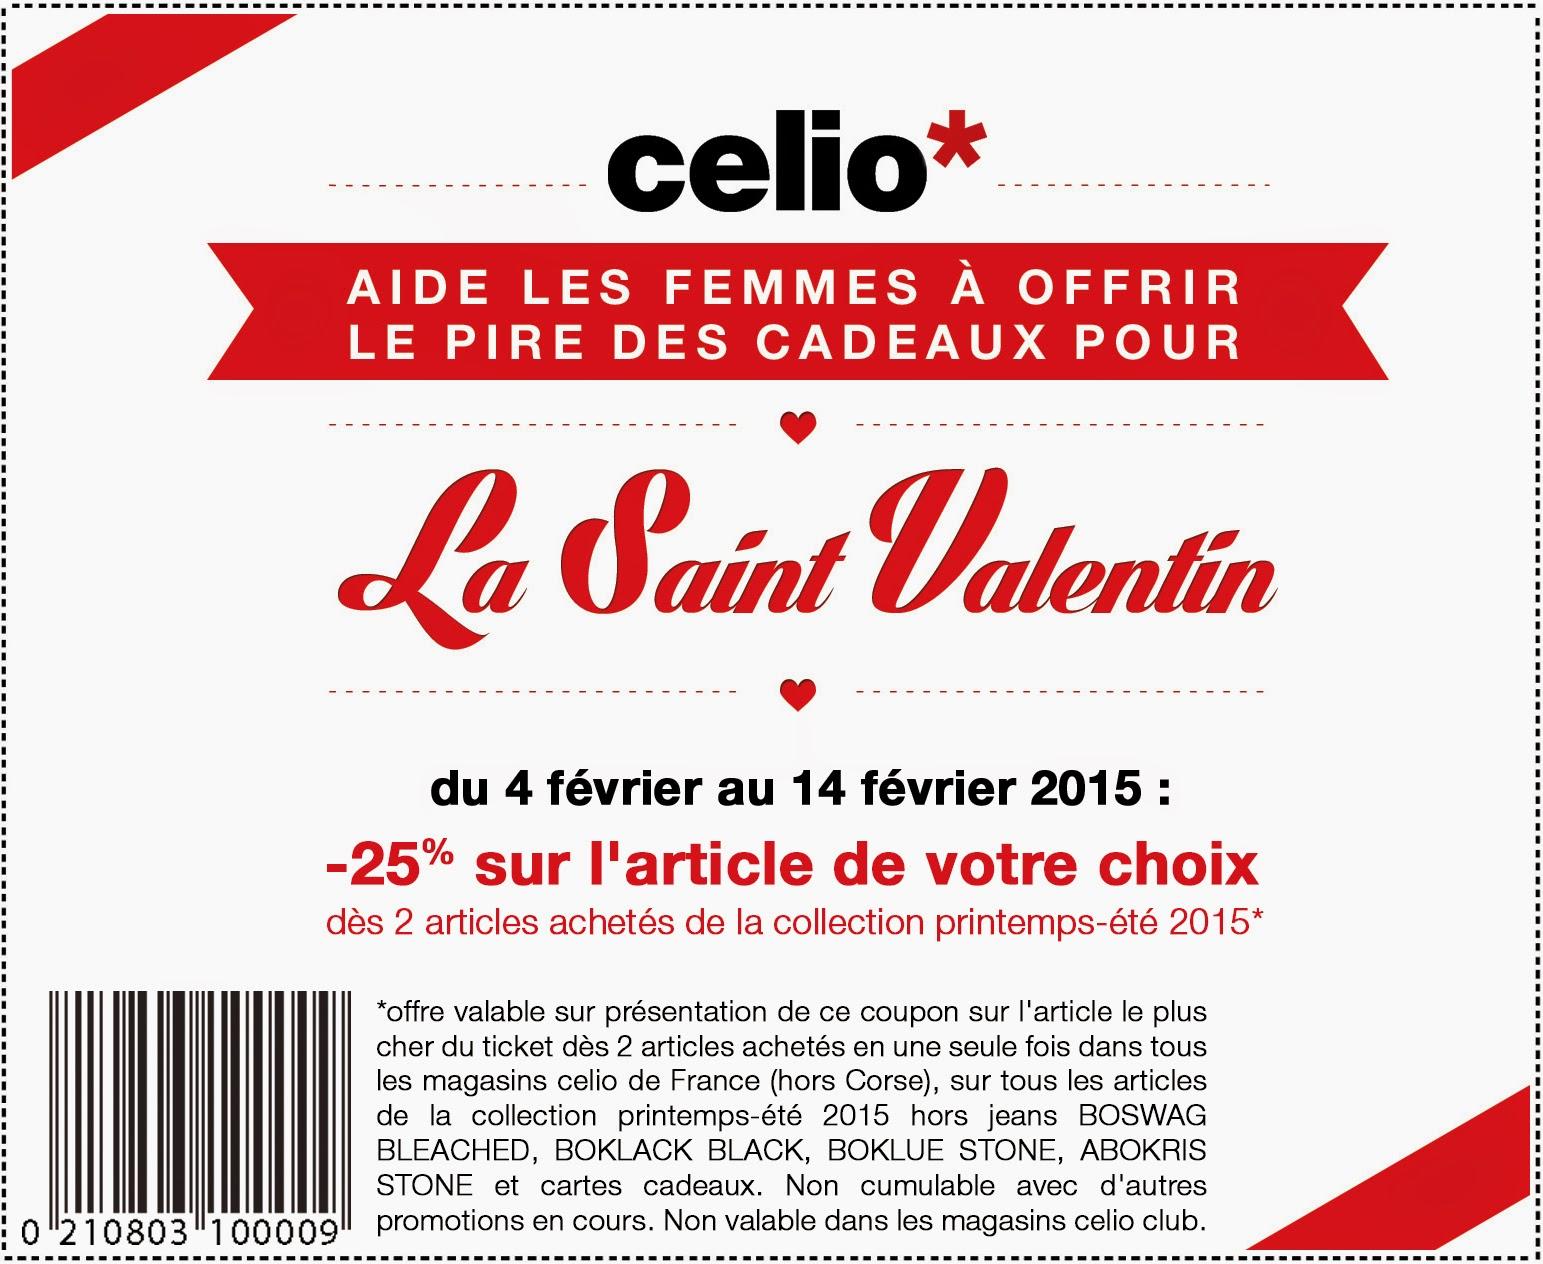 Célio invite les femmes à piéger leur Valentin